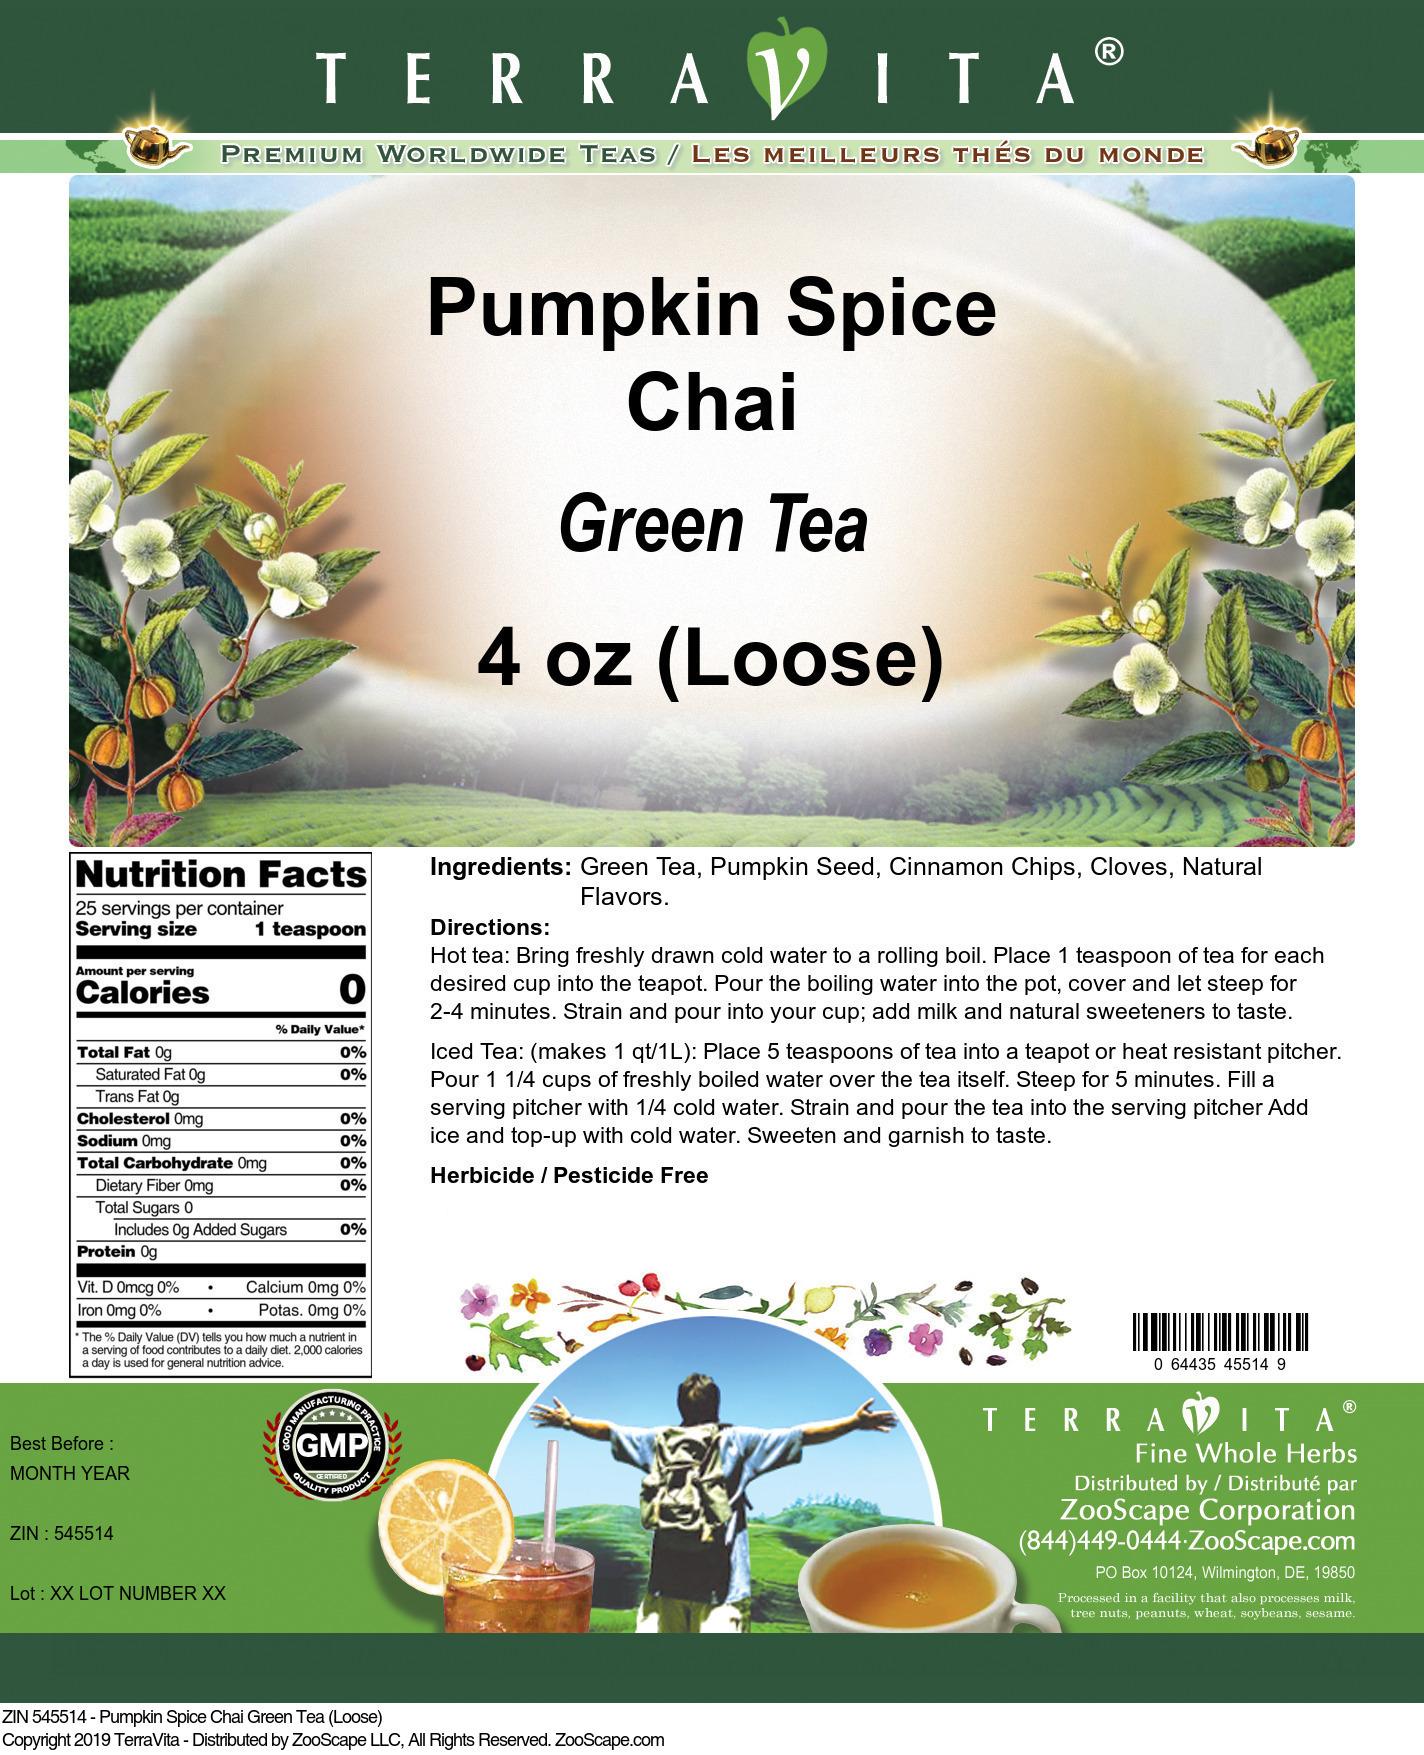 Pumpkin Spice Chai Green Tea (Loose)